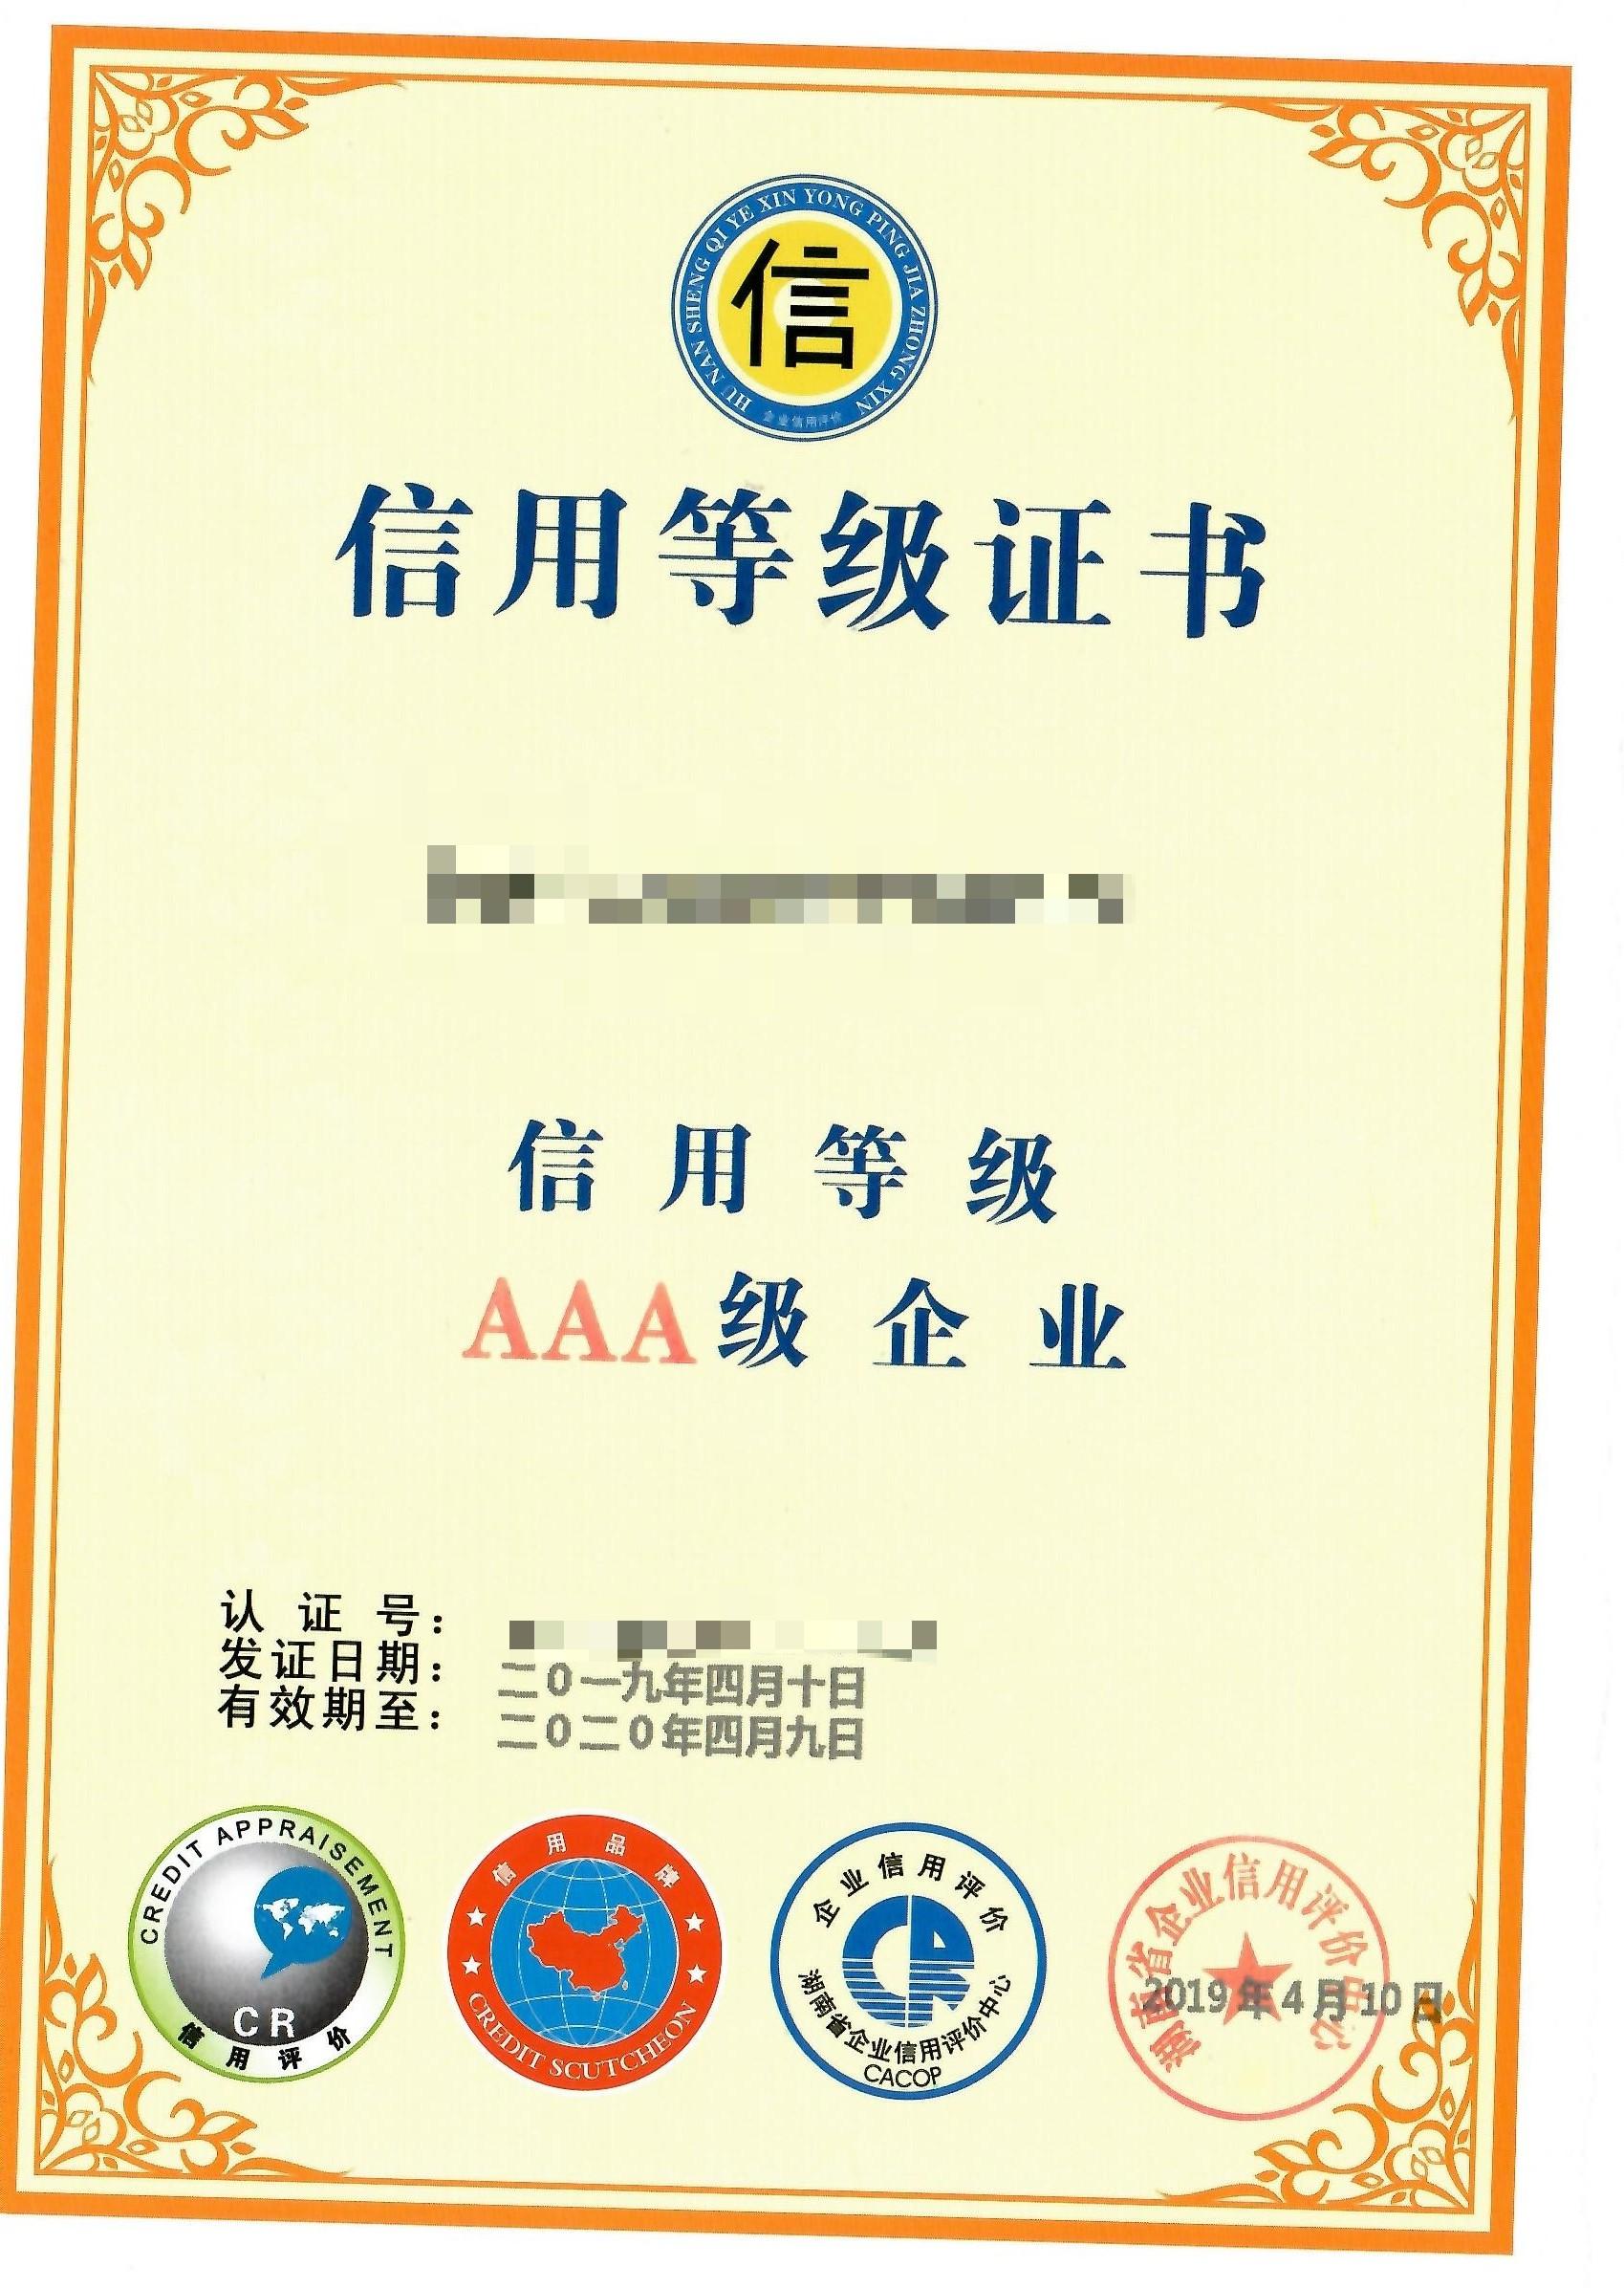 202011  AAA信用评级